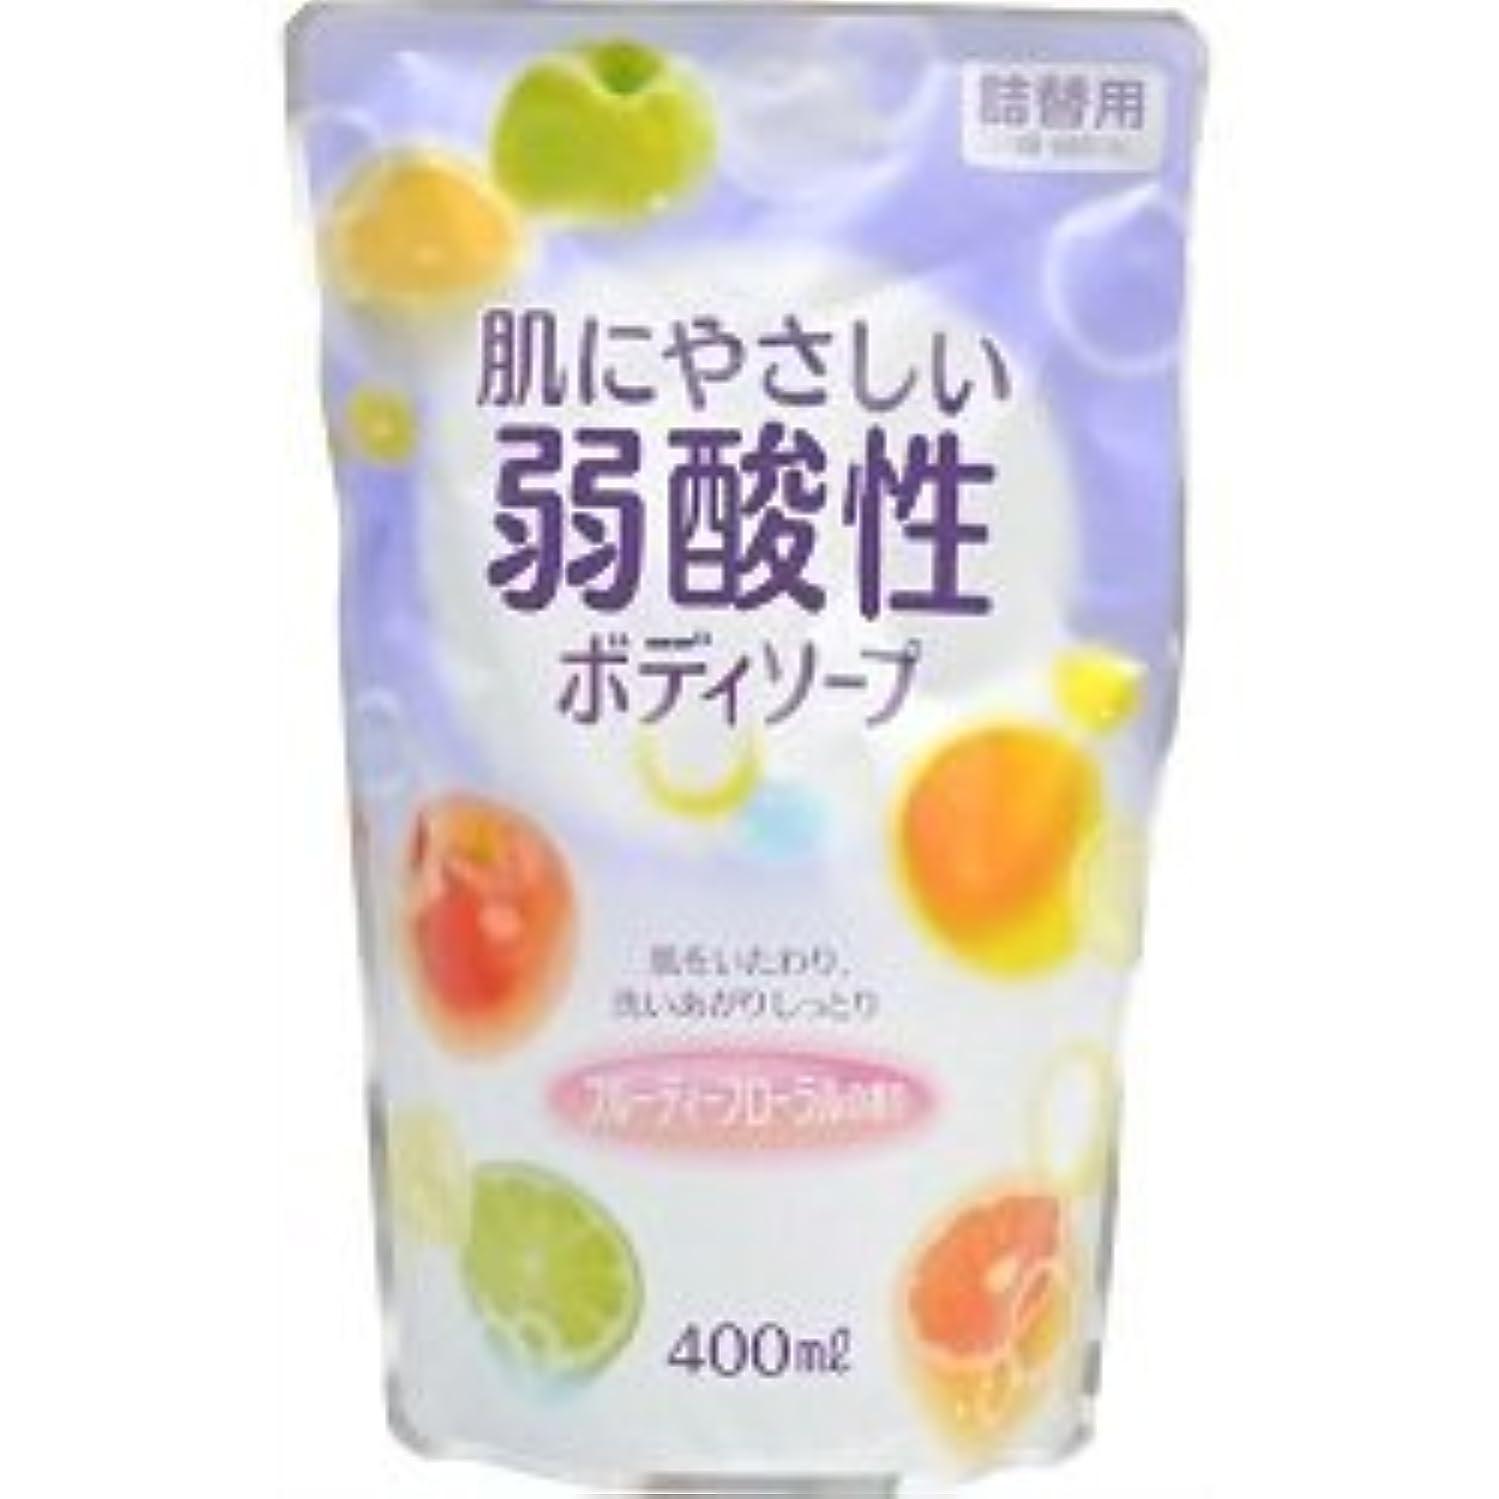 愛情深い趣味取り囲む【エオリア】弱酸性ボディソープ フルーティフローラルの香り 詰替用 400ml ×3個セット